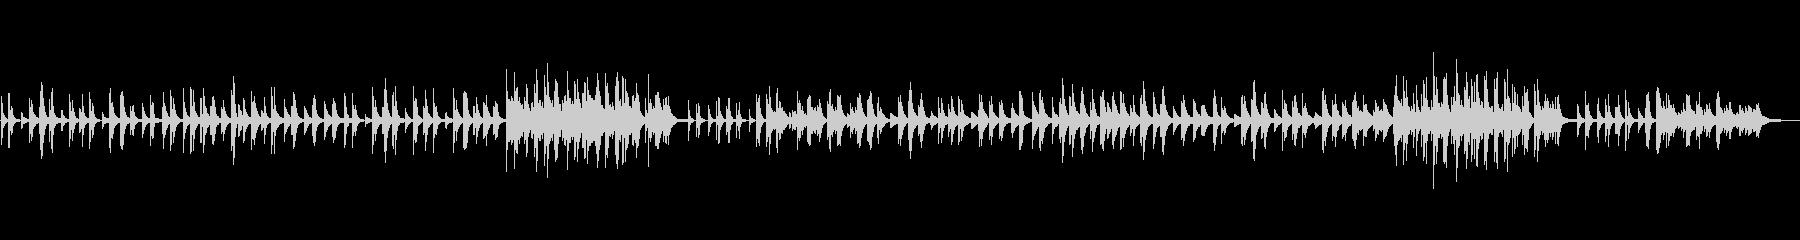 ピアノのみで奏でる切ない系バラードの未再生の波形